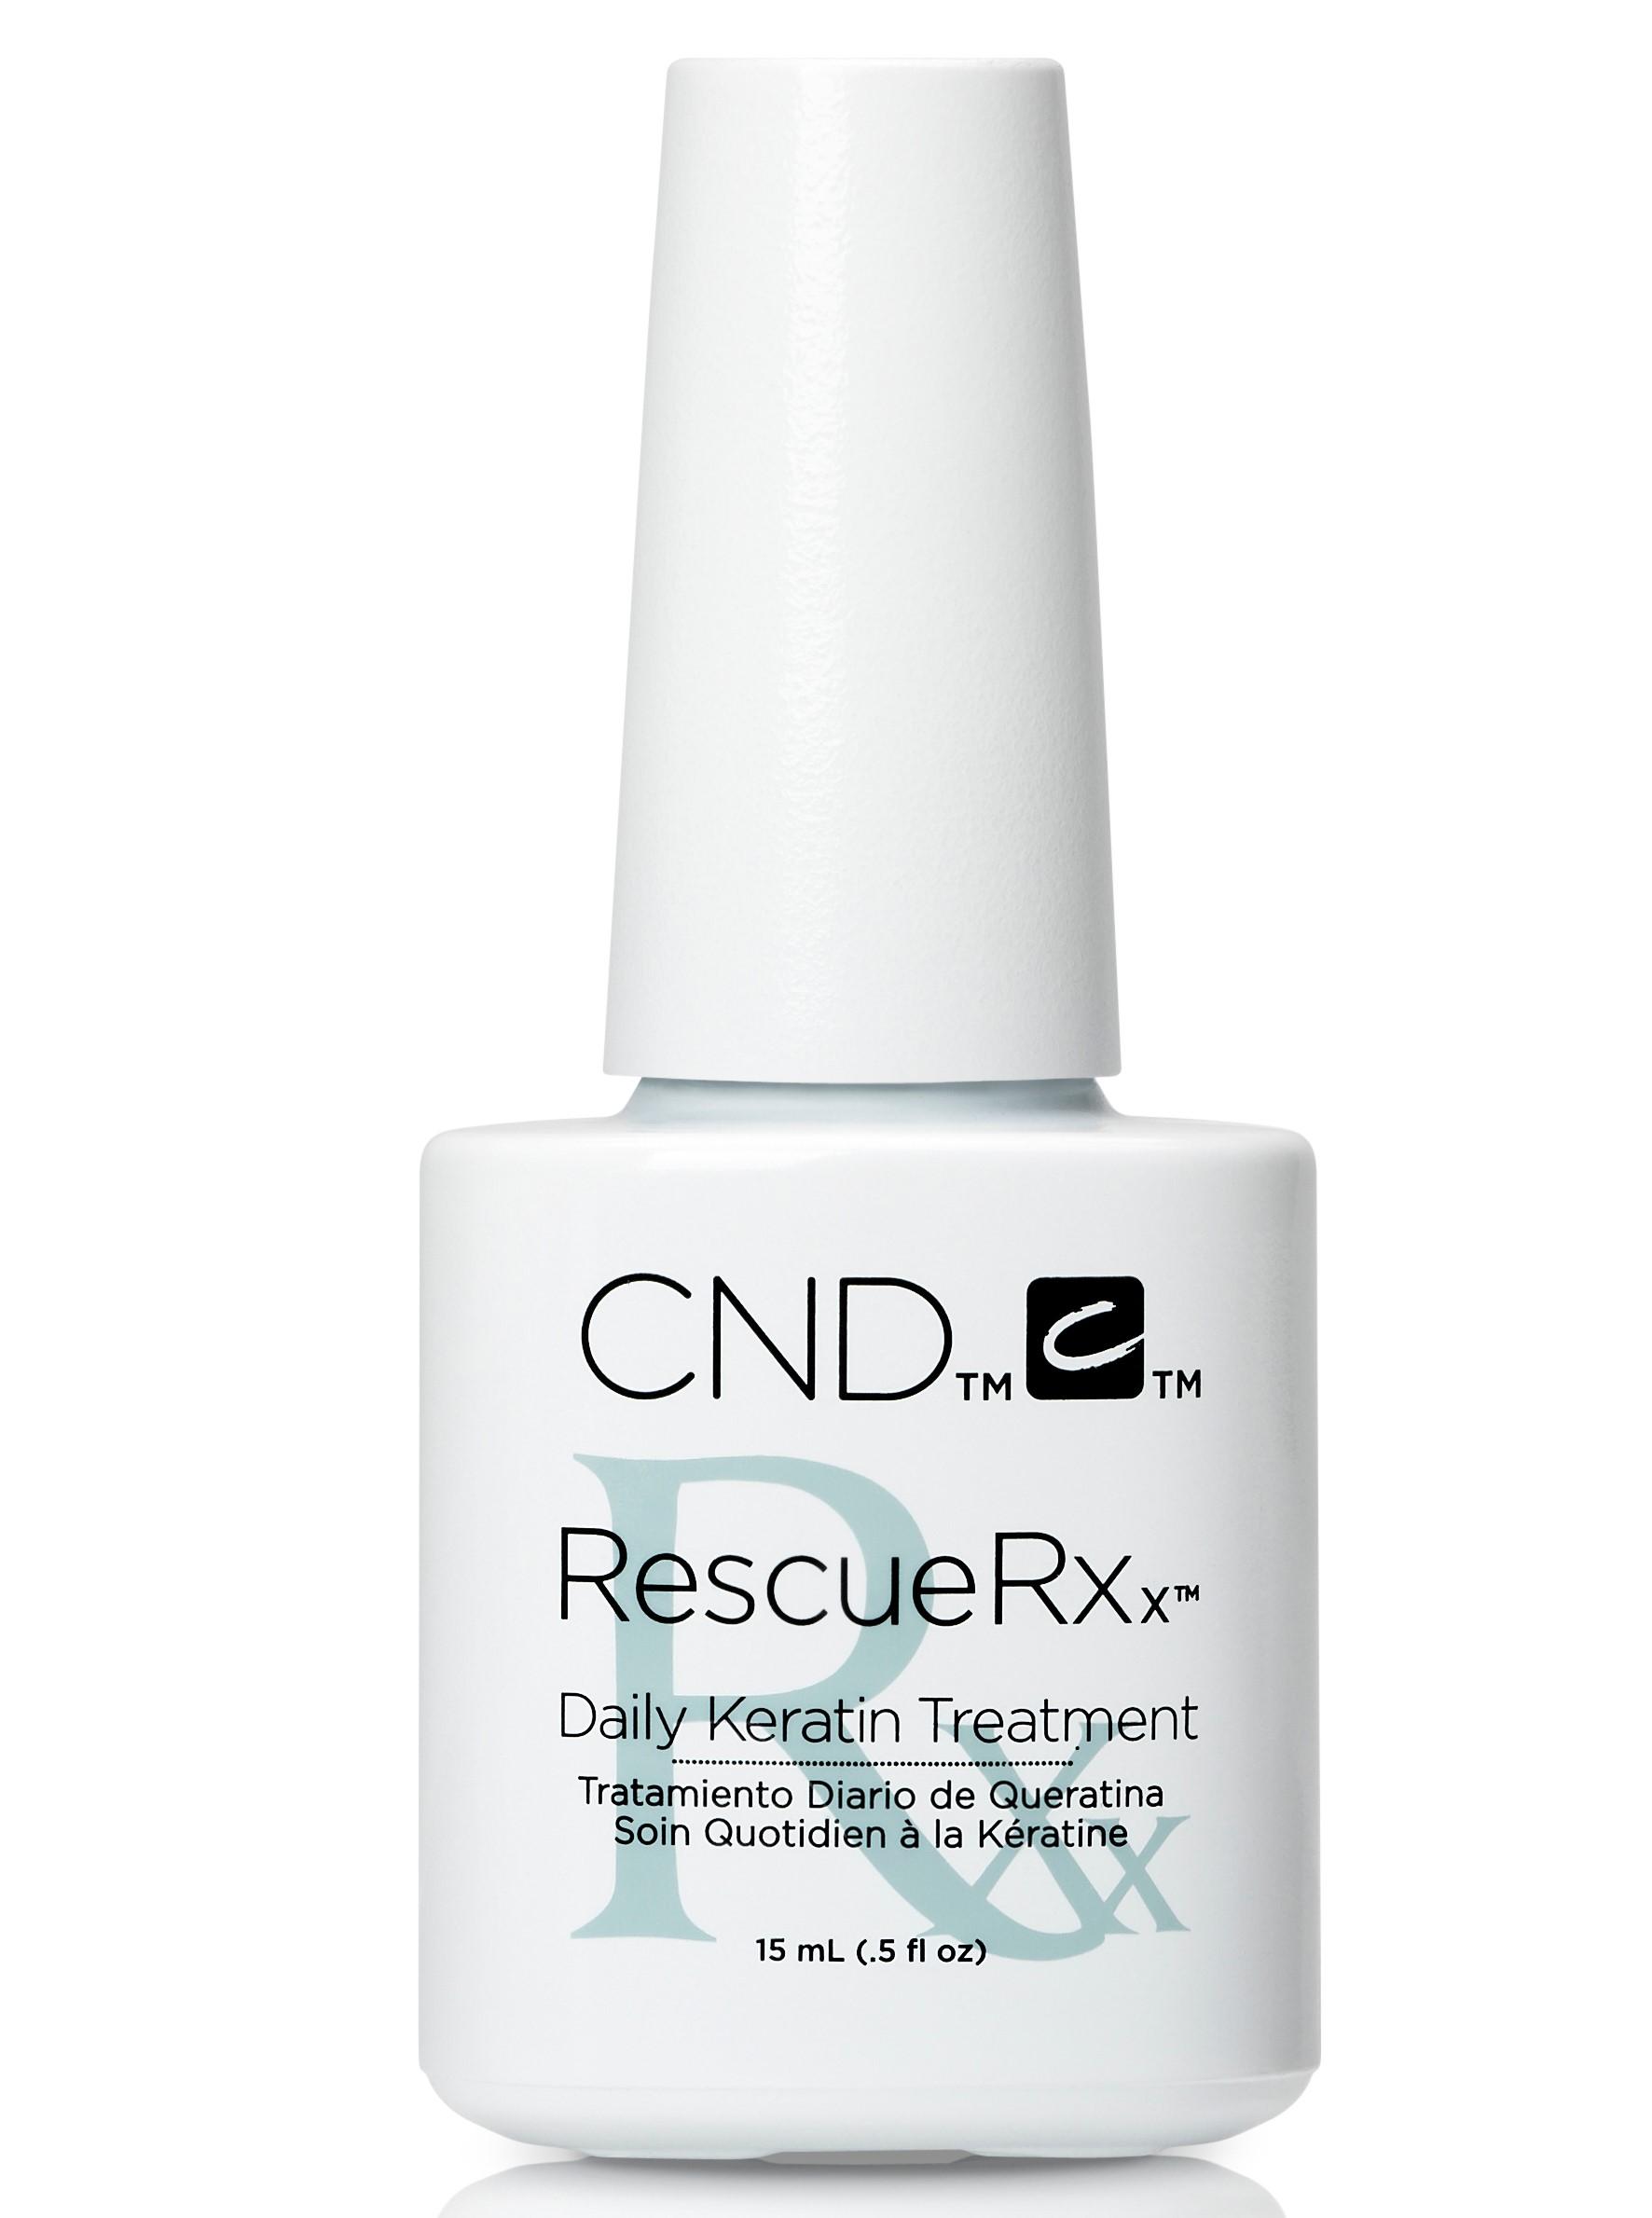 CND Средство для укрепления ногтей (кератин) / RescueRXx 15 мл от Галерея Косметики